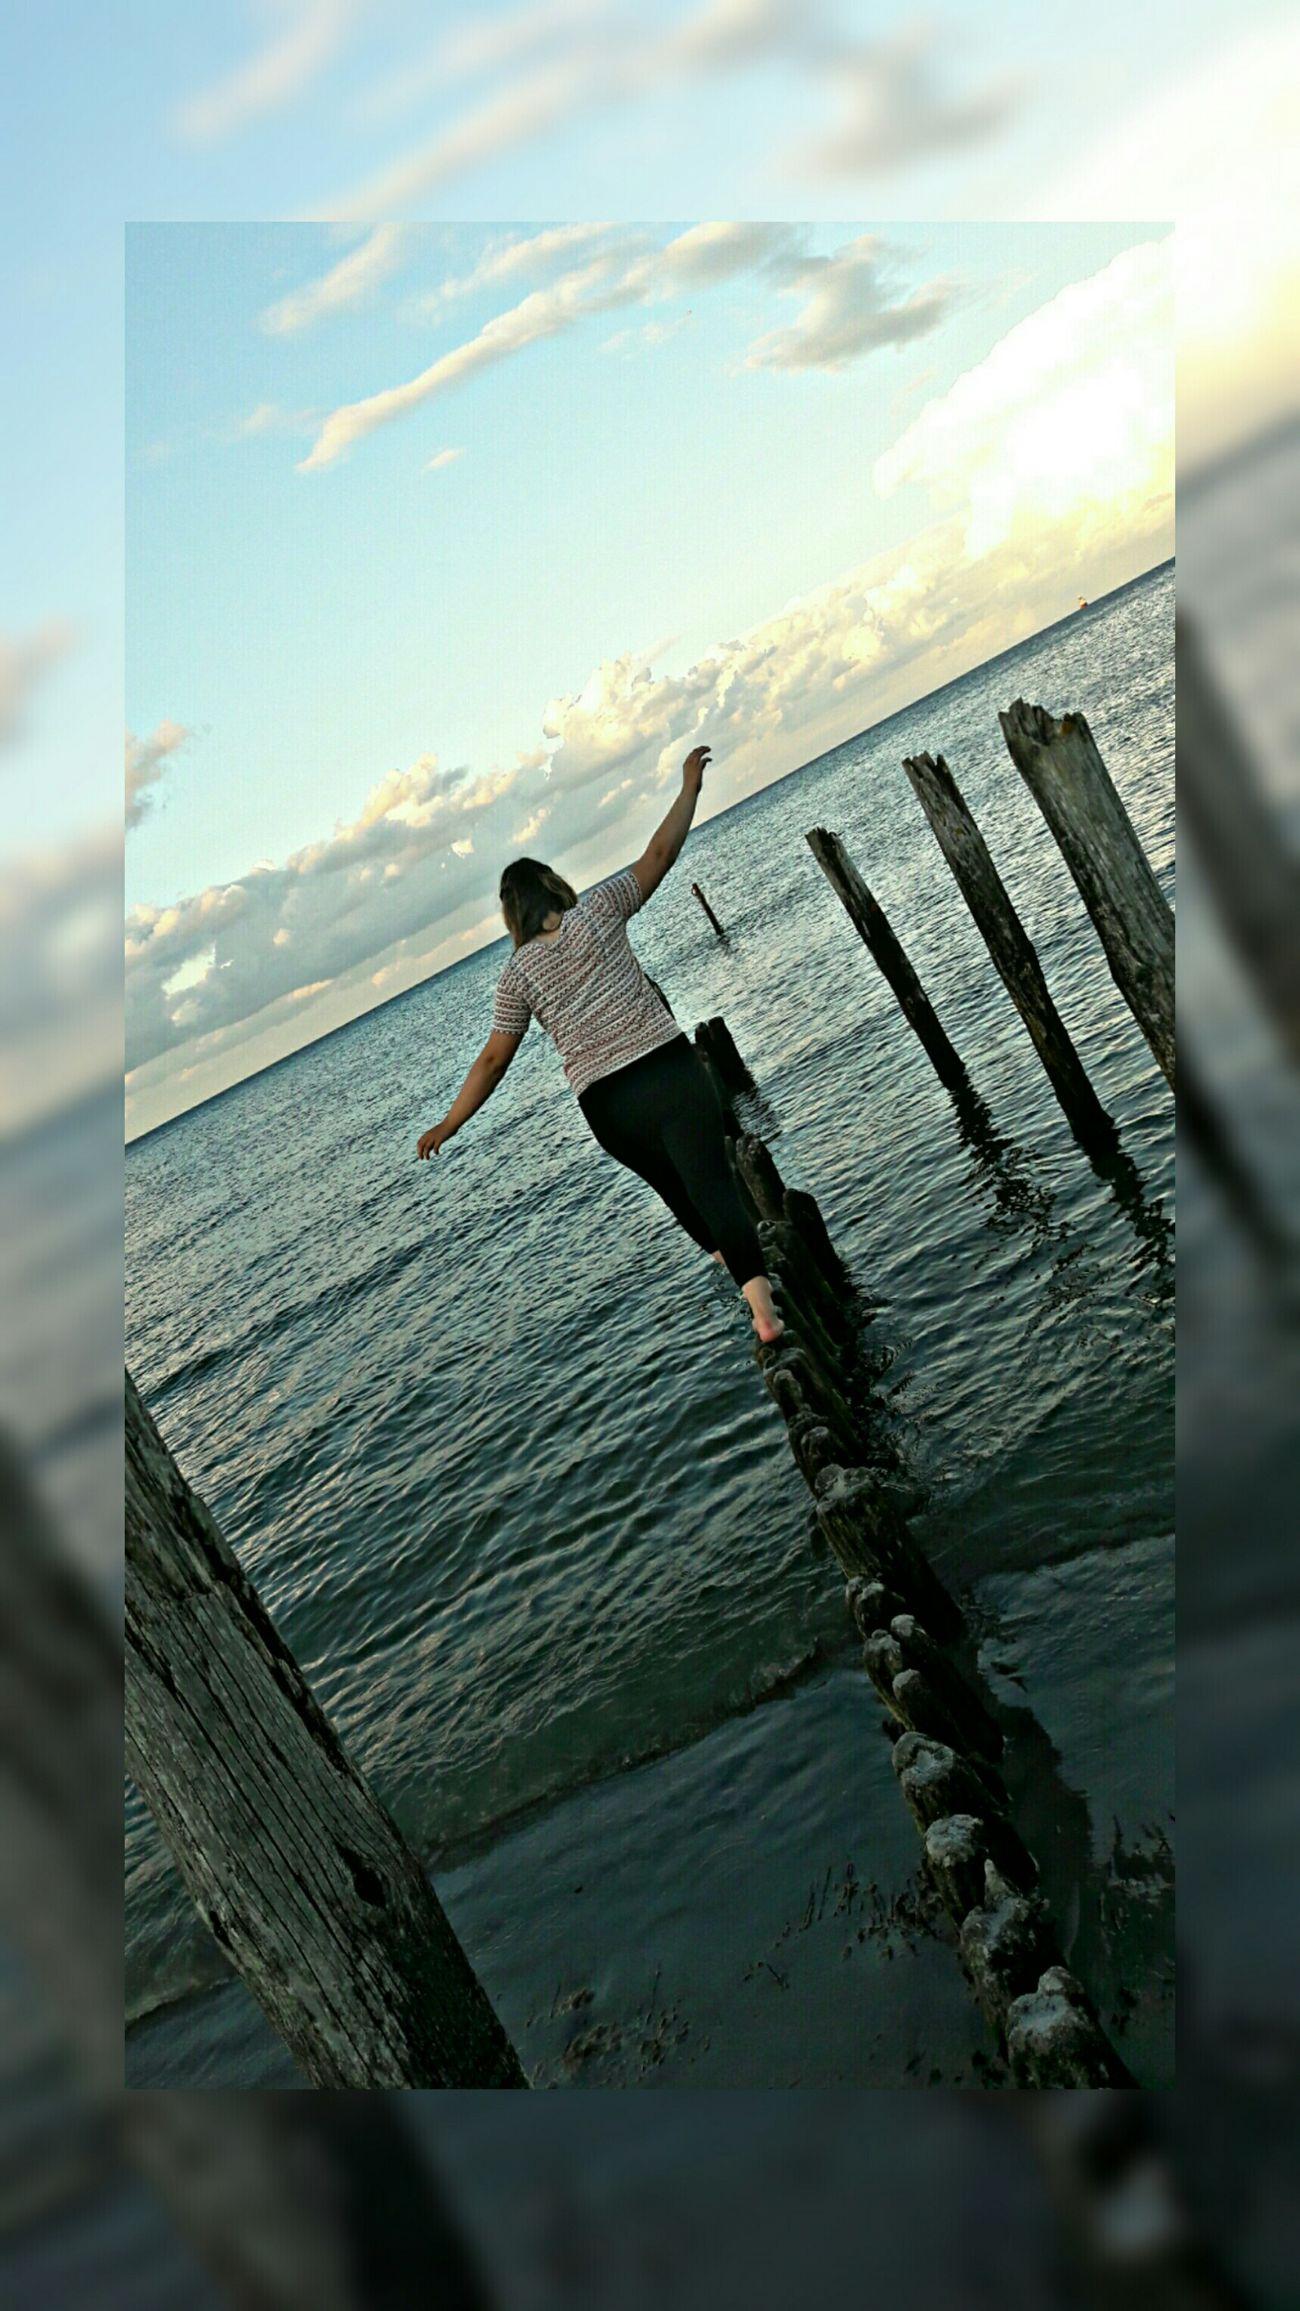 Und ich versinke im Meer in der Hoffnung das es mich in eine bessere Welt trägt. Sonne, Strand Und Meer Ostsee Taking Photos Ich Urlaub